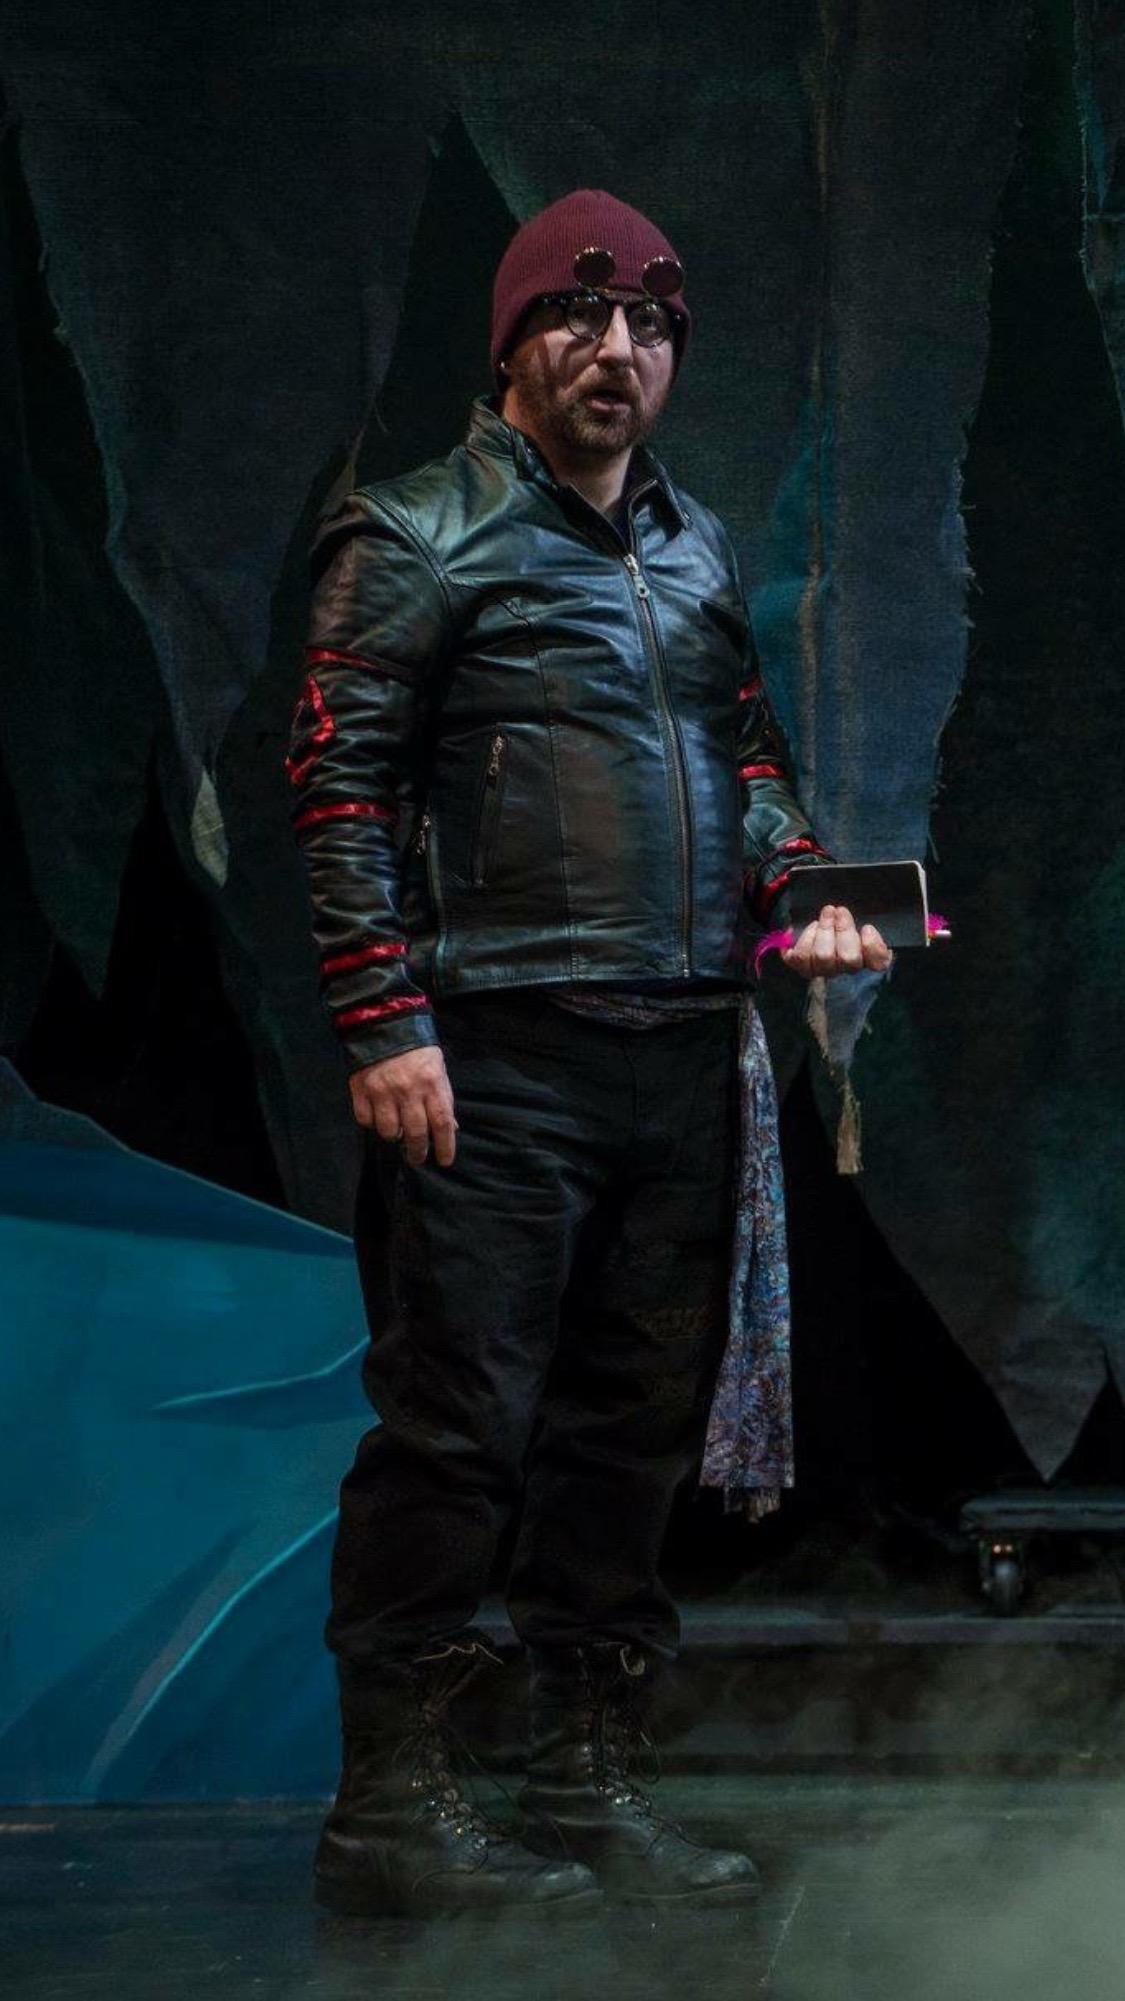 """Michael Stock as Smee in """"Peter Pan & Wendy"""""""